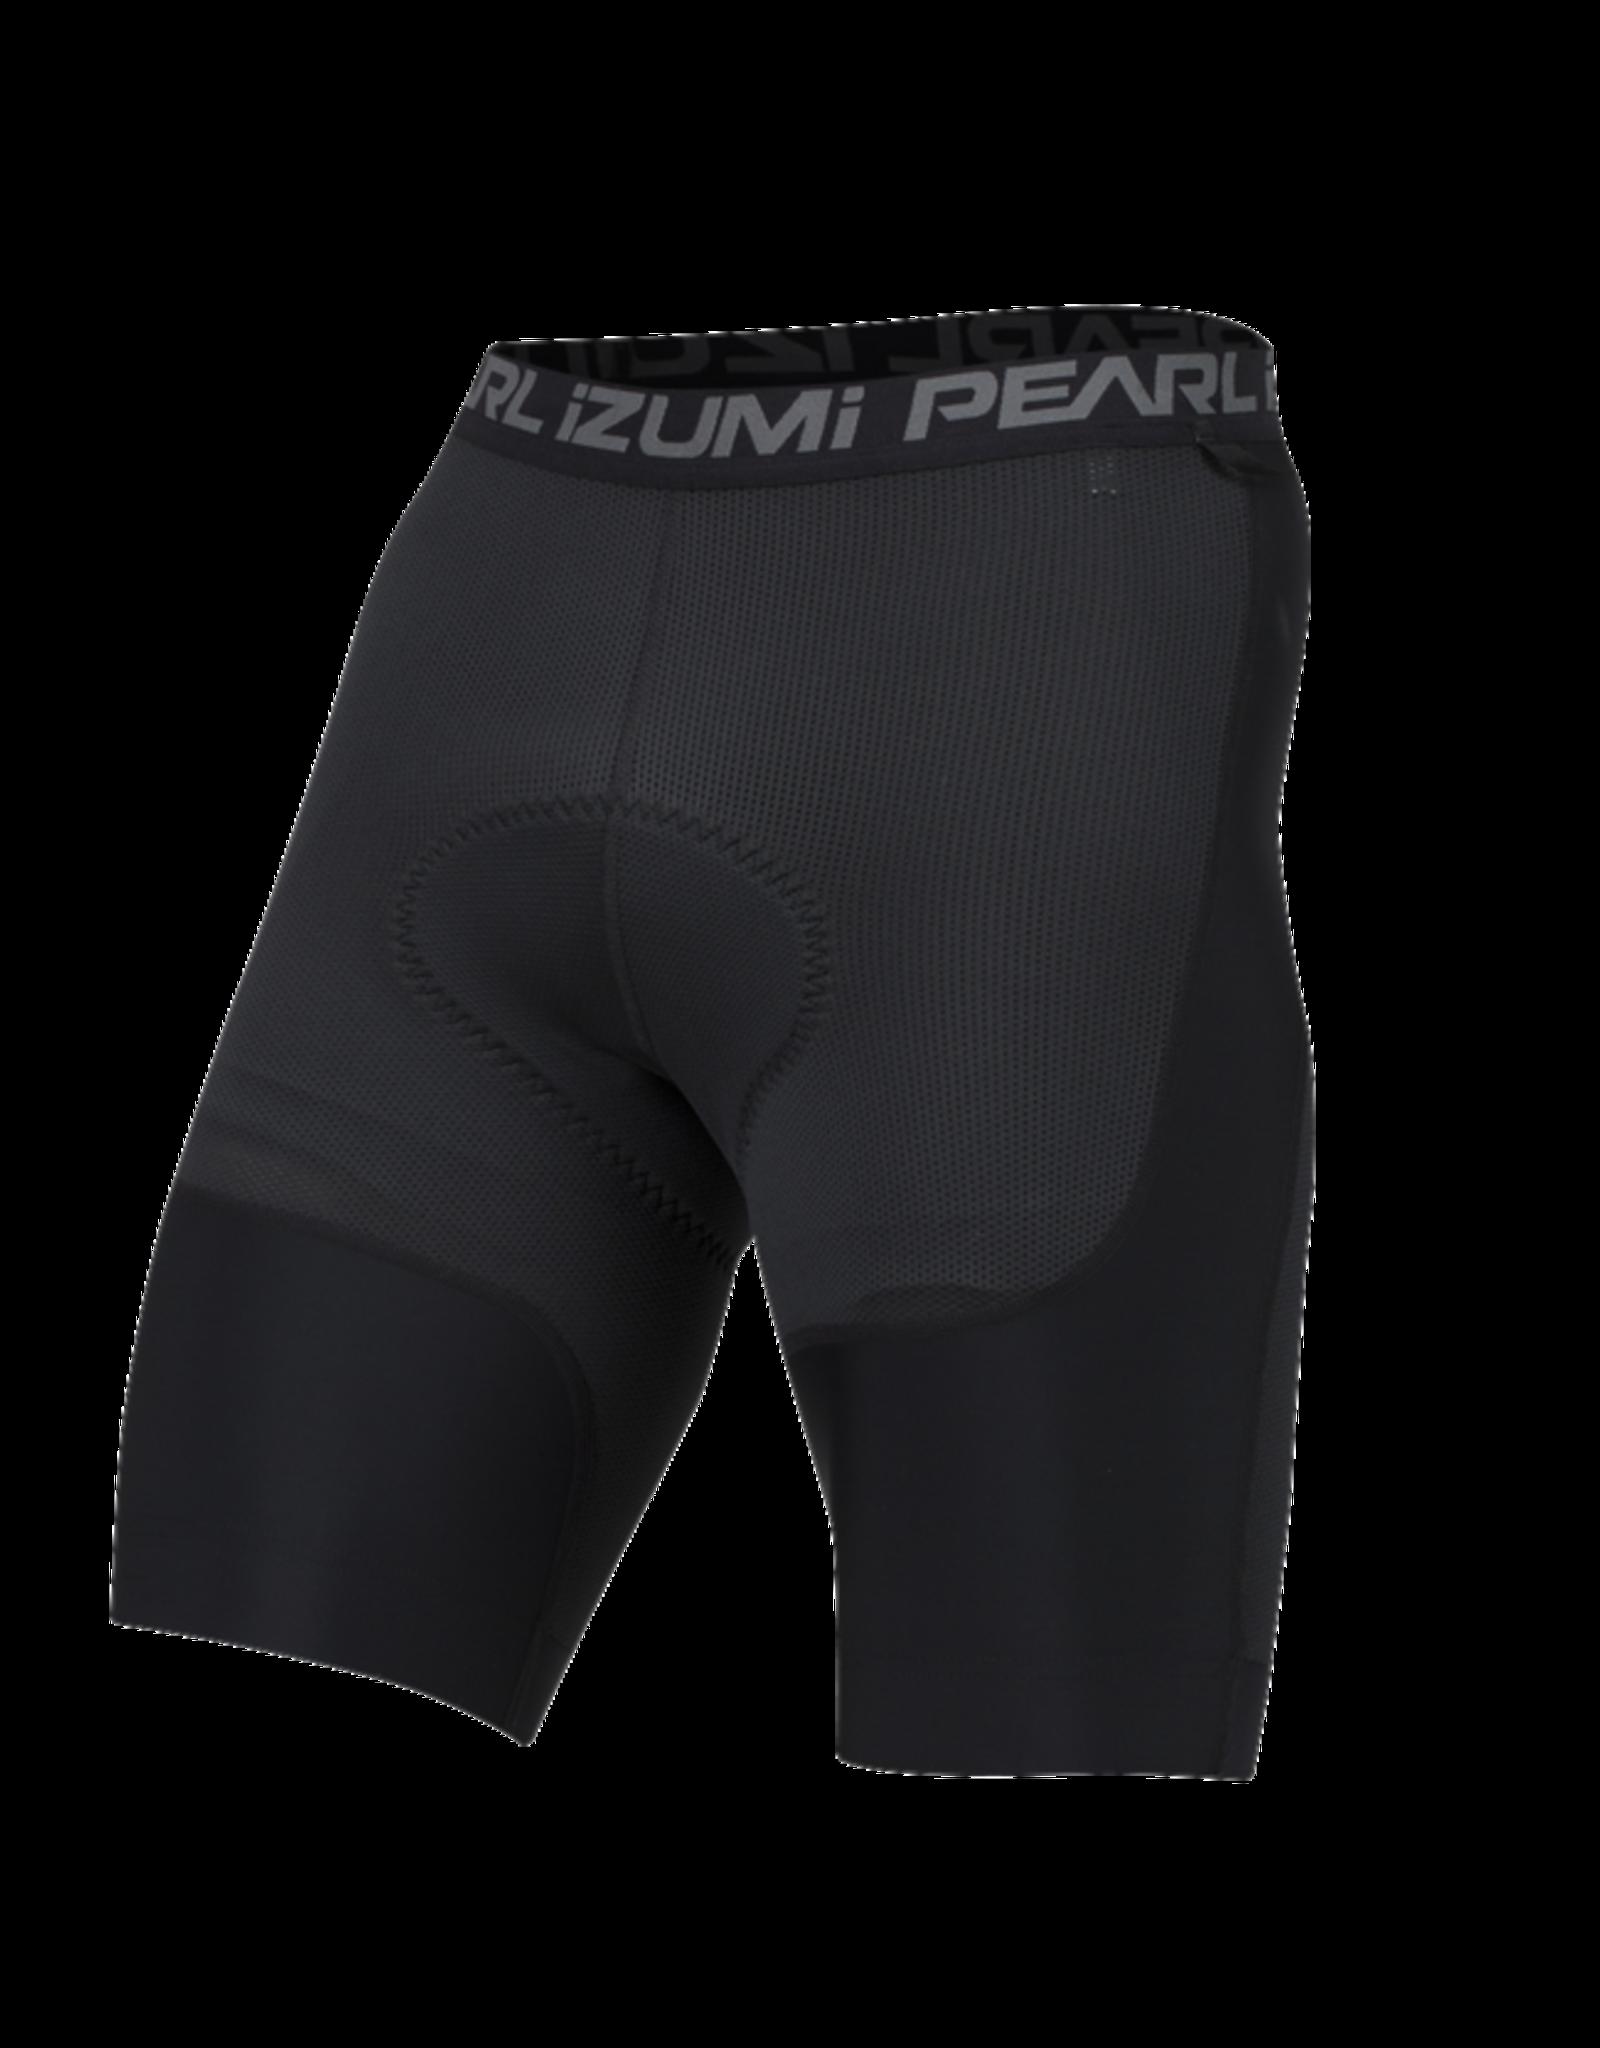 PIZ PEARL IZUMI SELECT LINER SHORT BLK XL